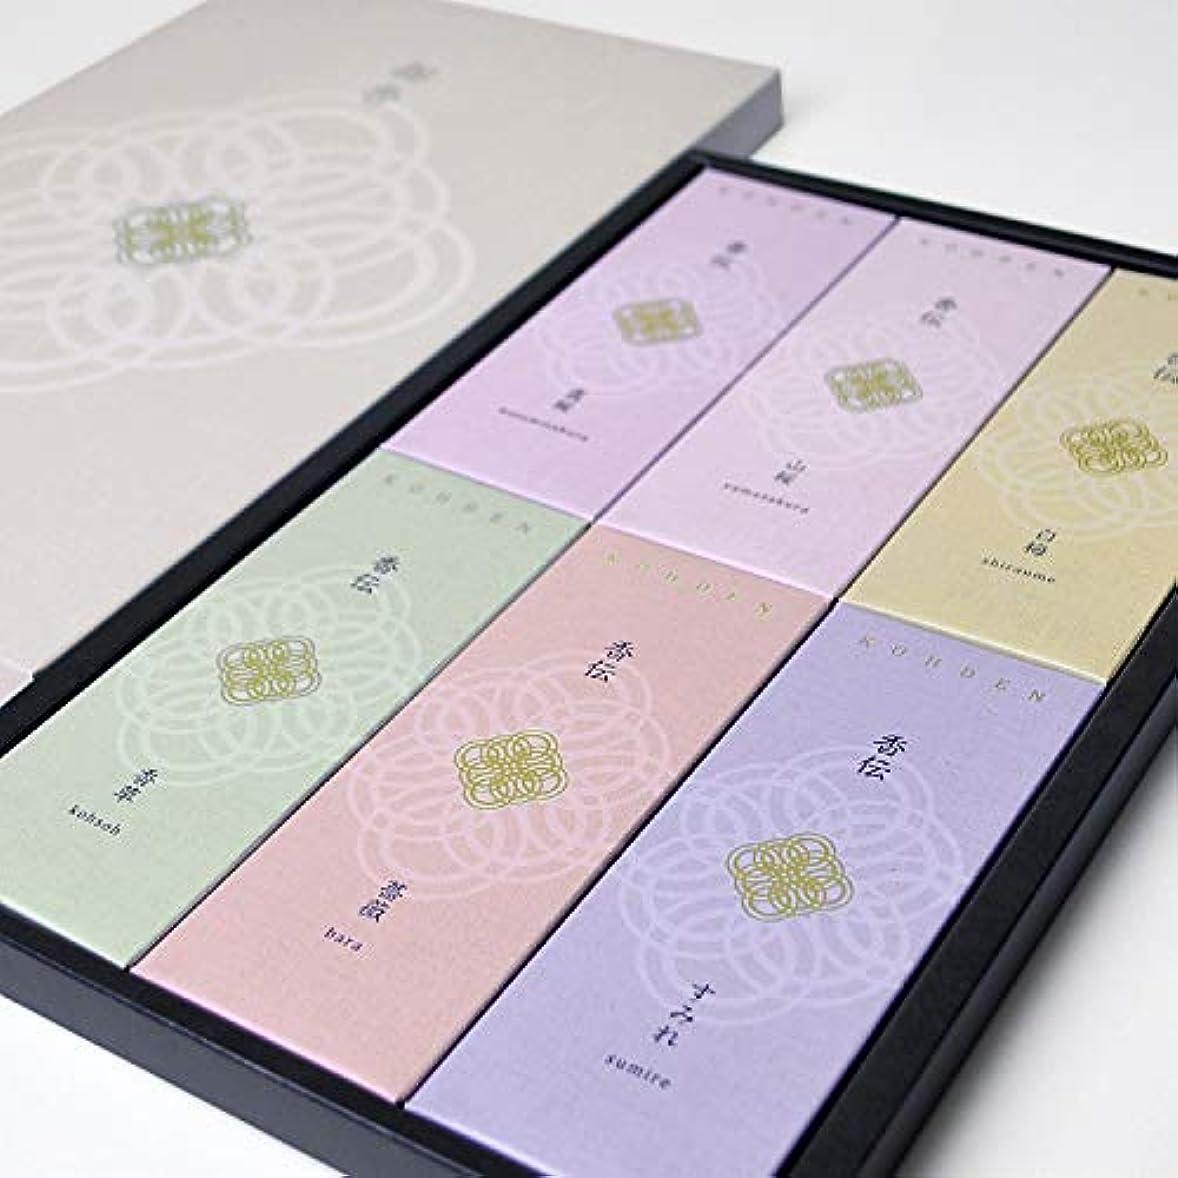 説教する地下鉄チェリー(ポストに投函できる進物用)日本香堂 香伝 花の香り 線香6種類 1セット